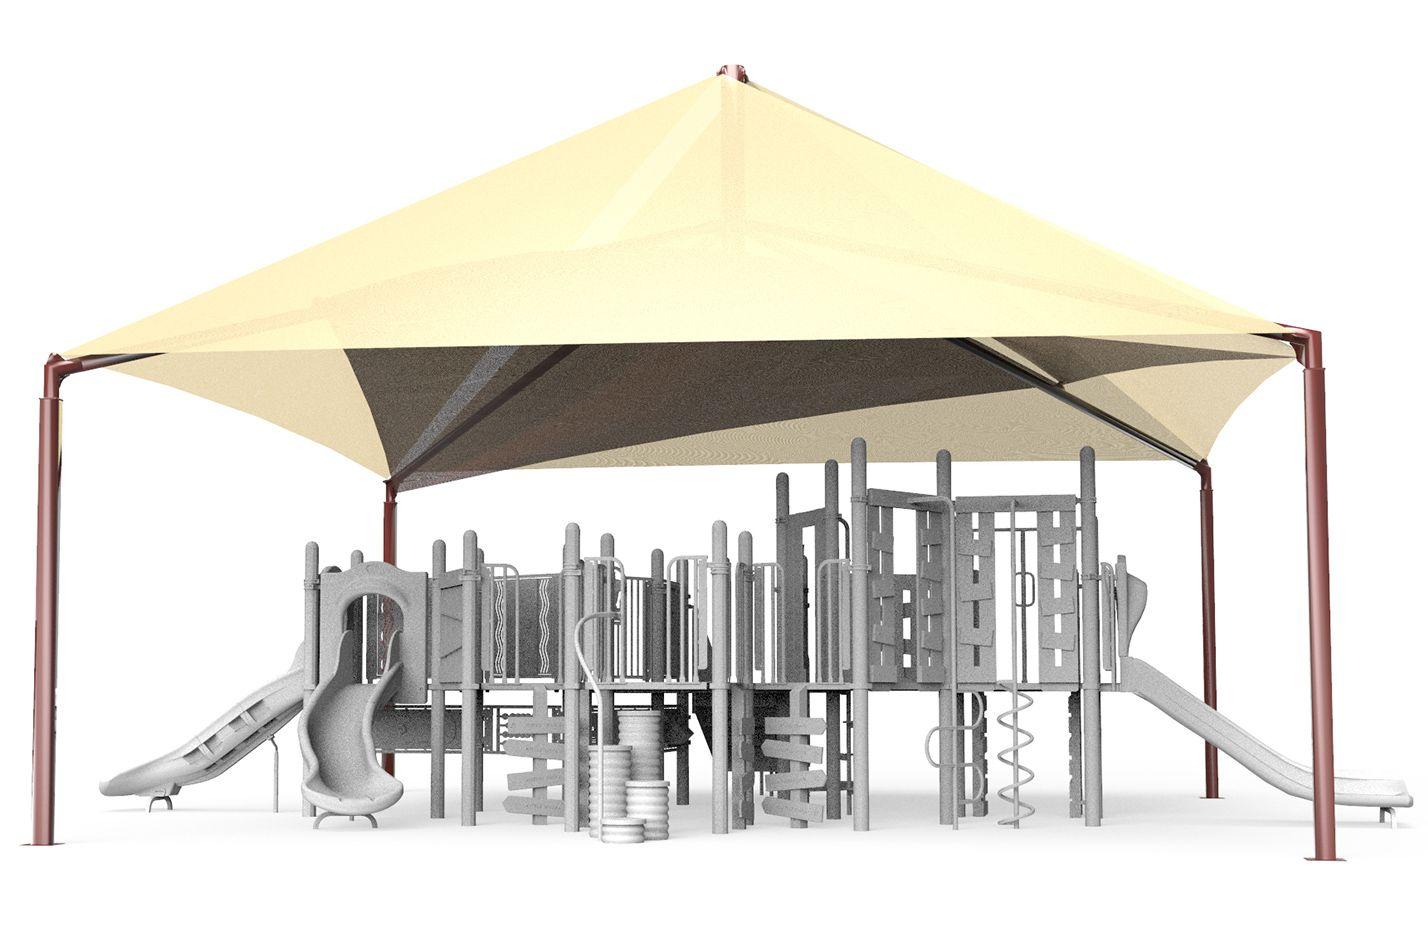 Mariner Pyramid Play Shade (LTPSM004)